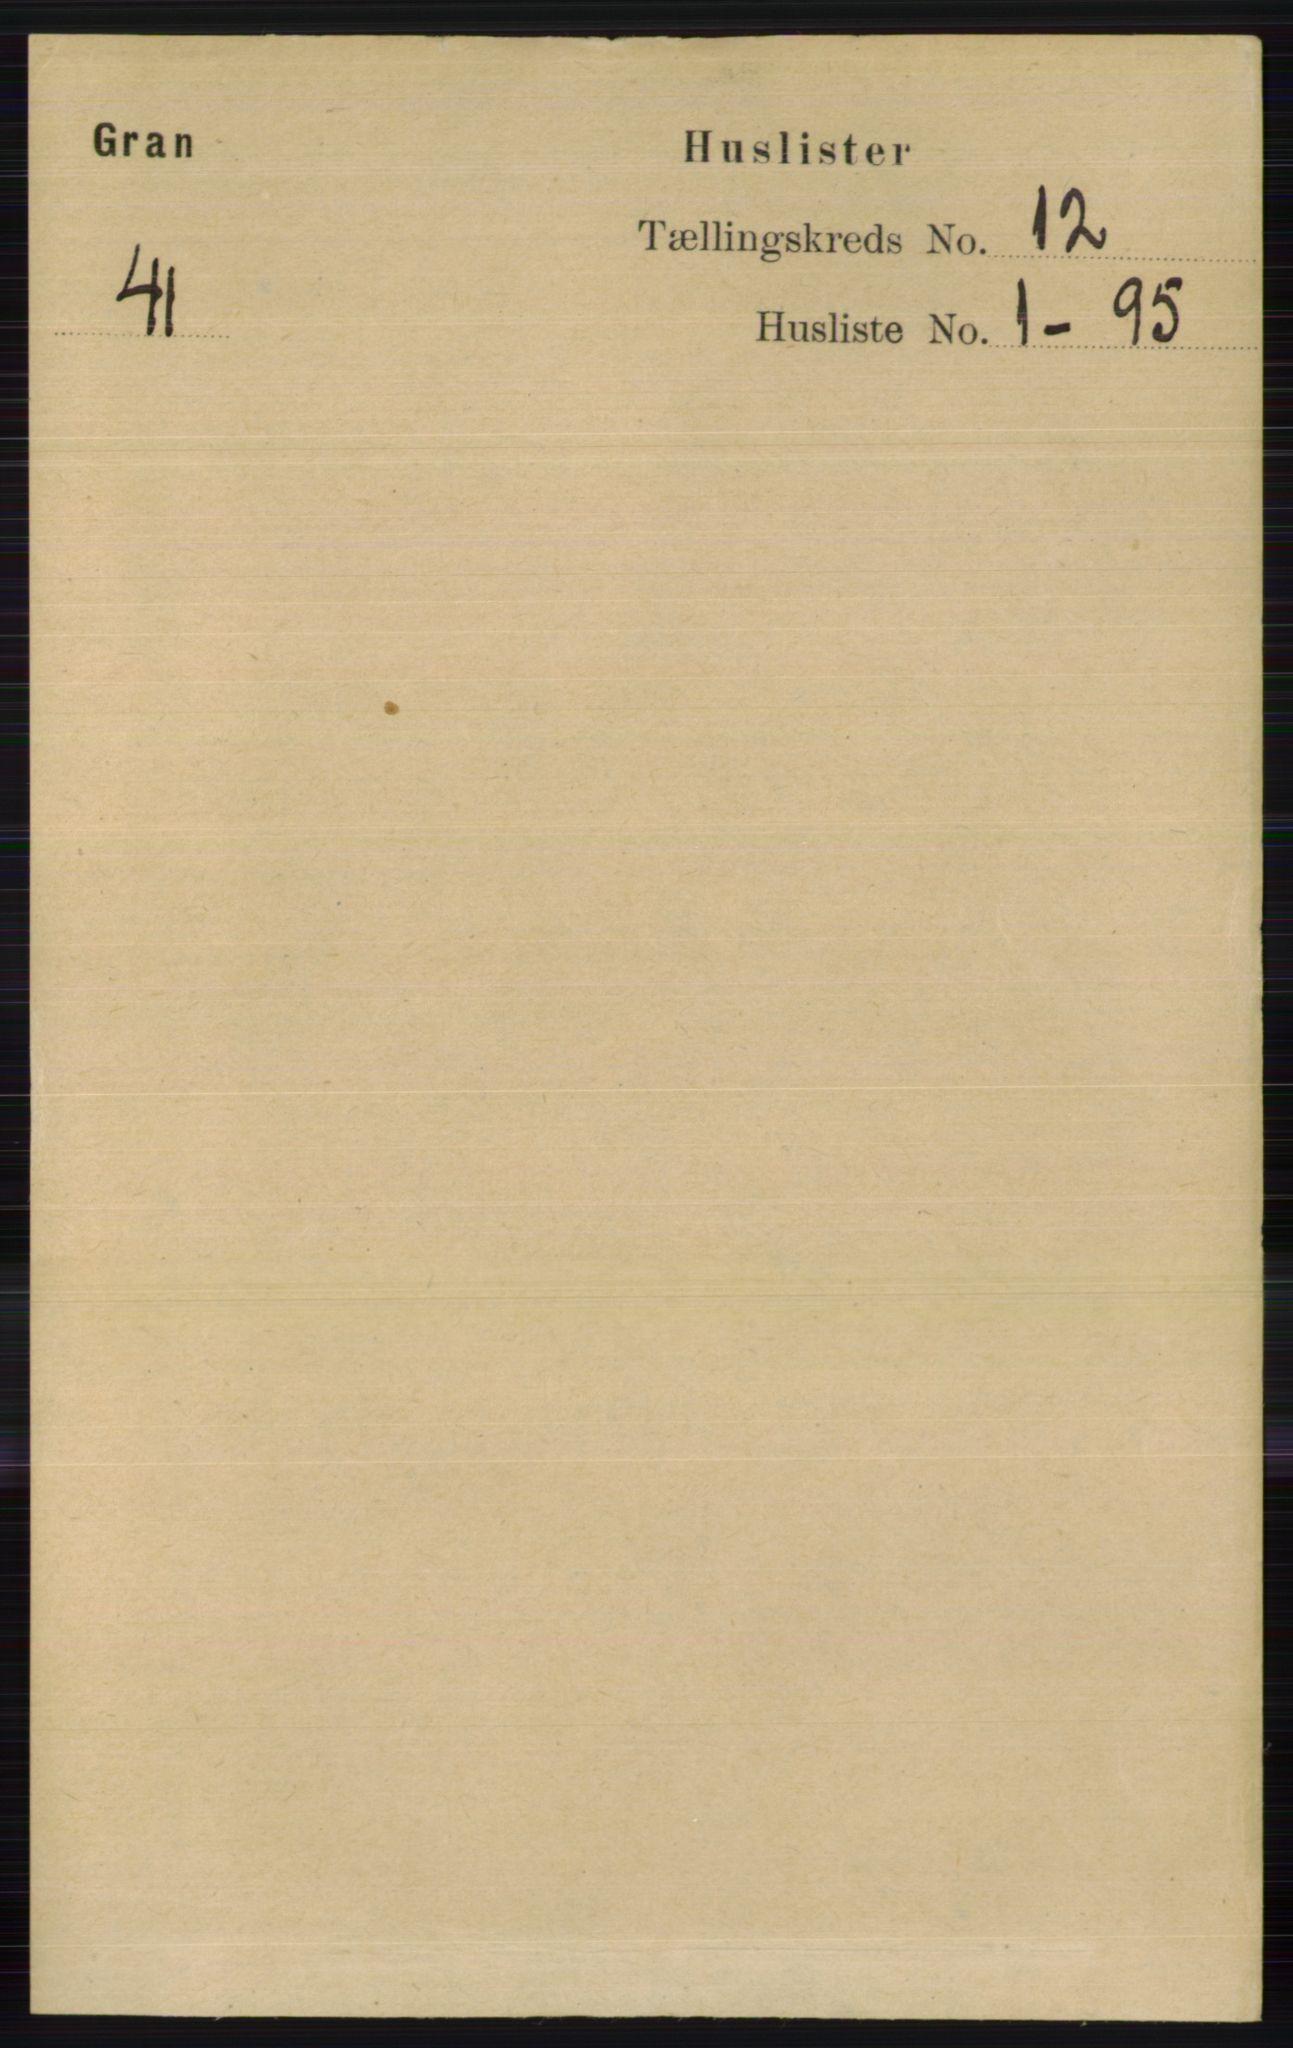 RA, Folketelling 1891 for 0534 Gran herred, 1891, s. 6078